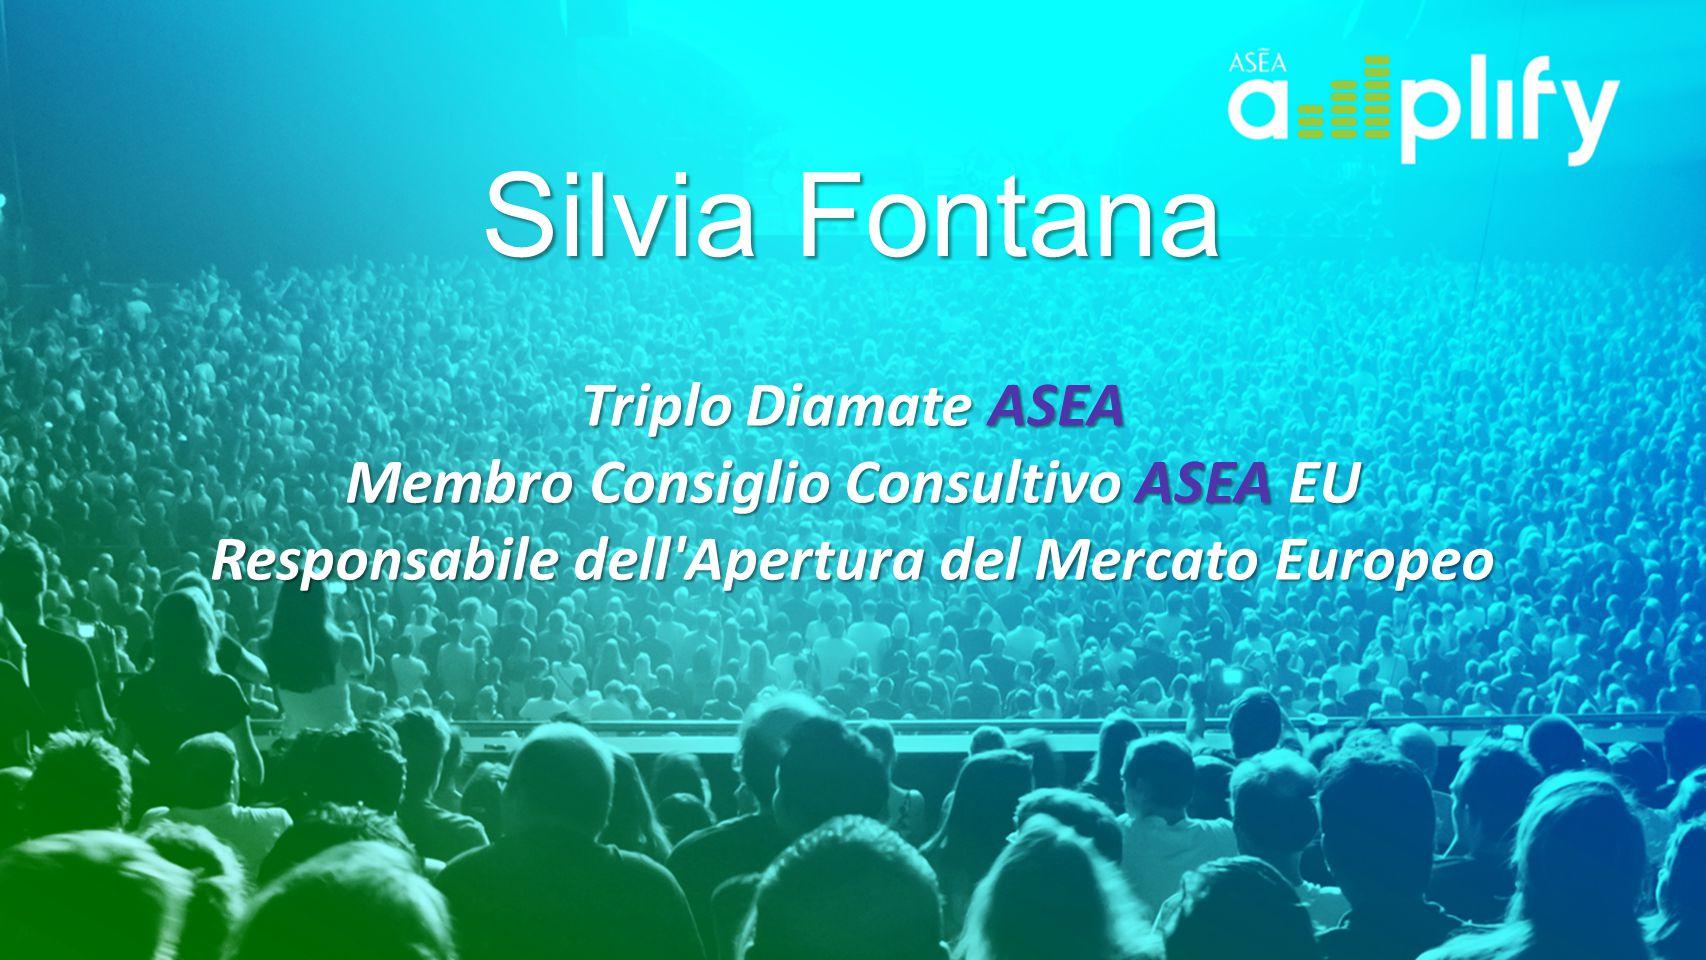 Silvia Fontana Triplo Diamate ASEA Membro Consiglio Consultivo ASEA EU Responsabile dell'Apertura del Mercato Europeo